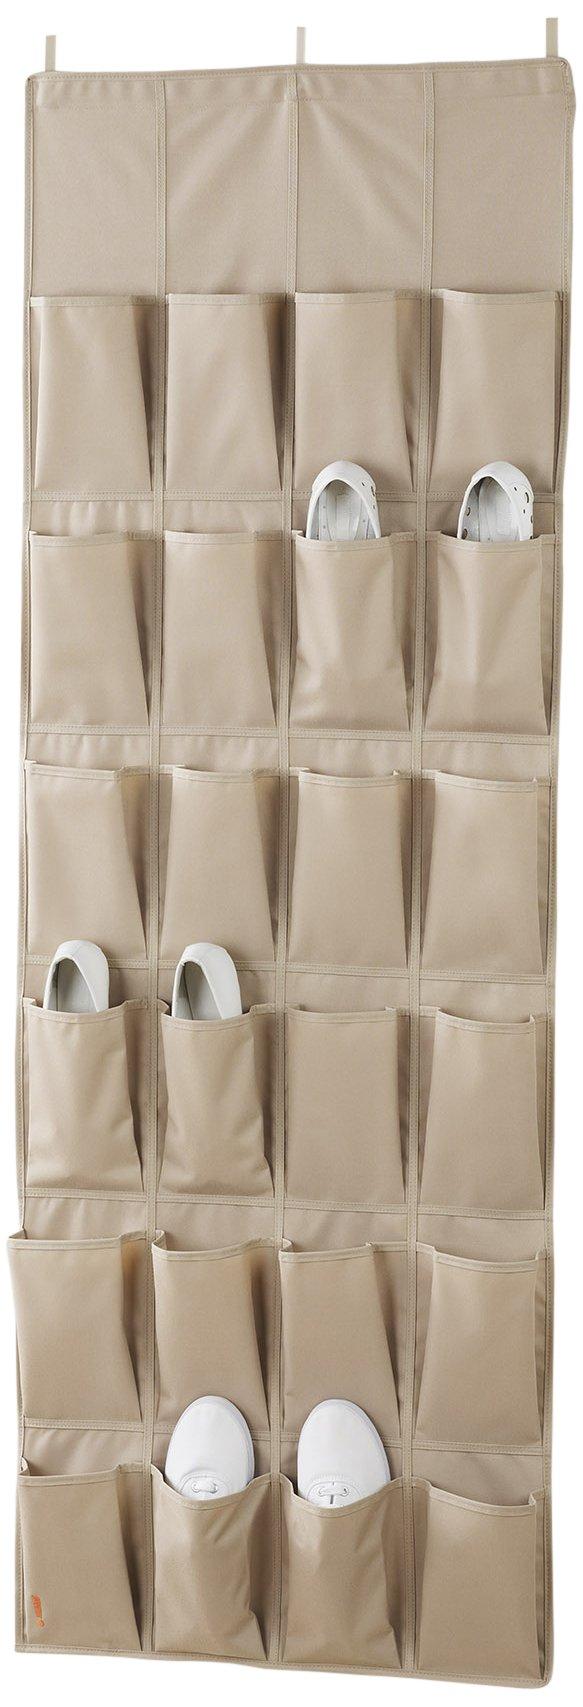 neatfreak 5660-ST 24 Pocket Over The Door Organizer